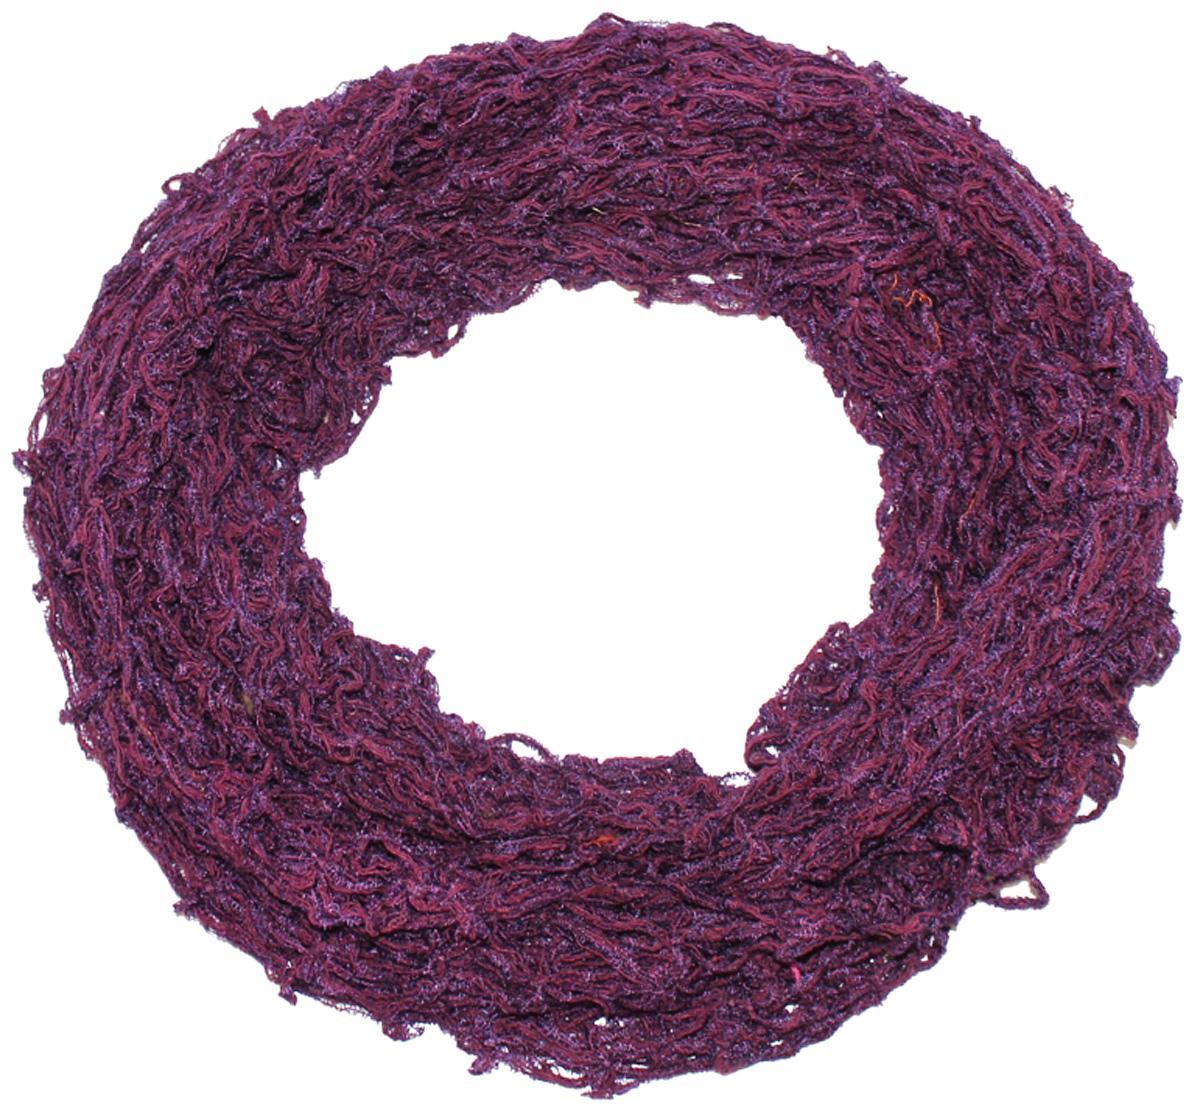 Шарф женский Ethnica, цвет: фиолетовый. 524110. Размер 50 см х 170 см524110Женский шарф Ethnica, изготовленный из 100% шелка, подчеркнет вашу индивидуальность. Благодаря своему составу, он легкий, мягкий и приятный на ощупь.Такой аксессуар станет стильным дополнением к гардеробу современной женщины.